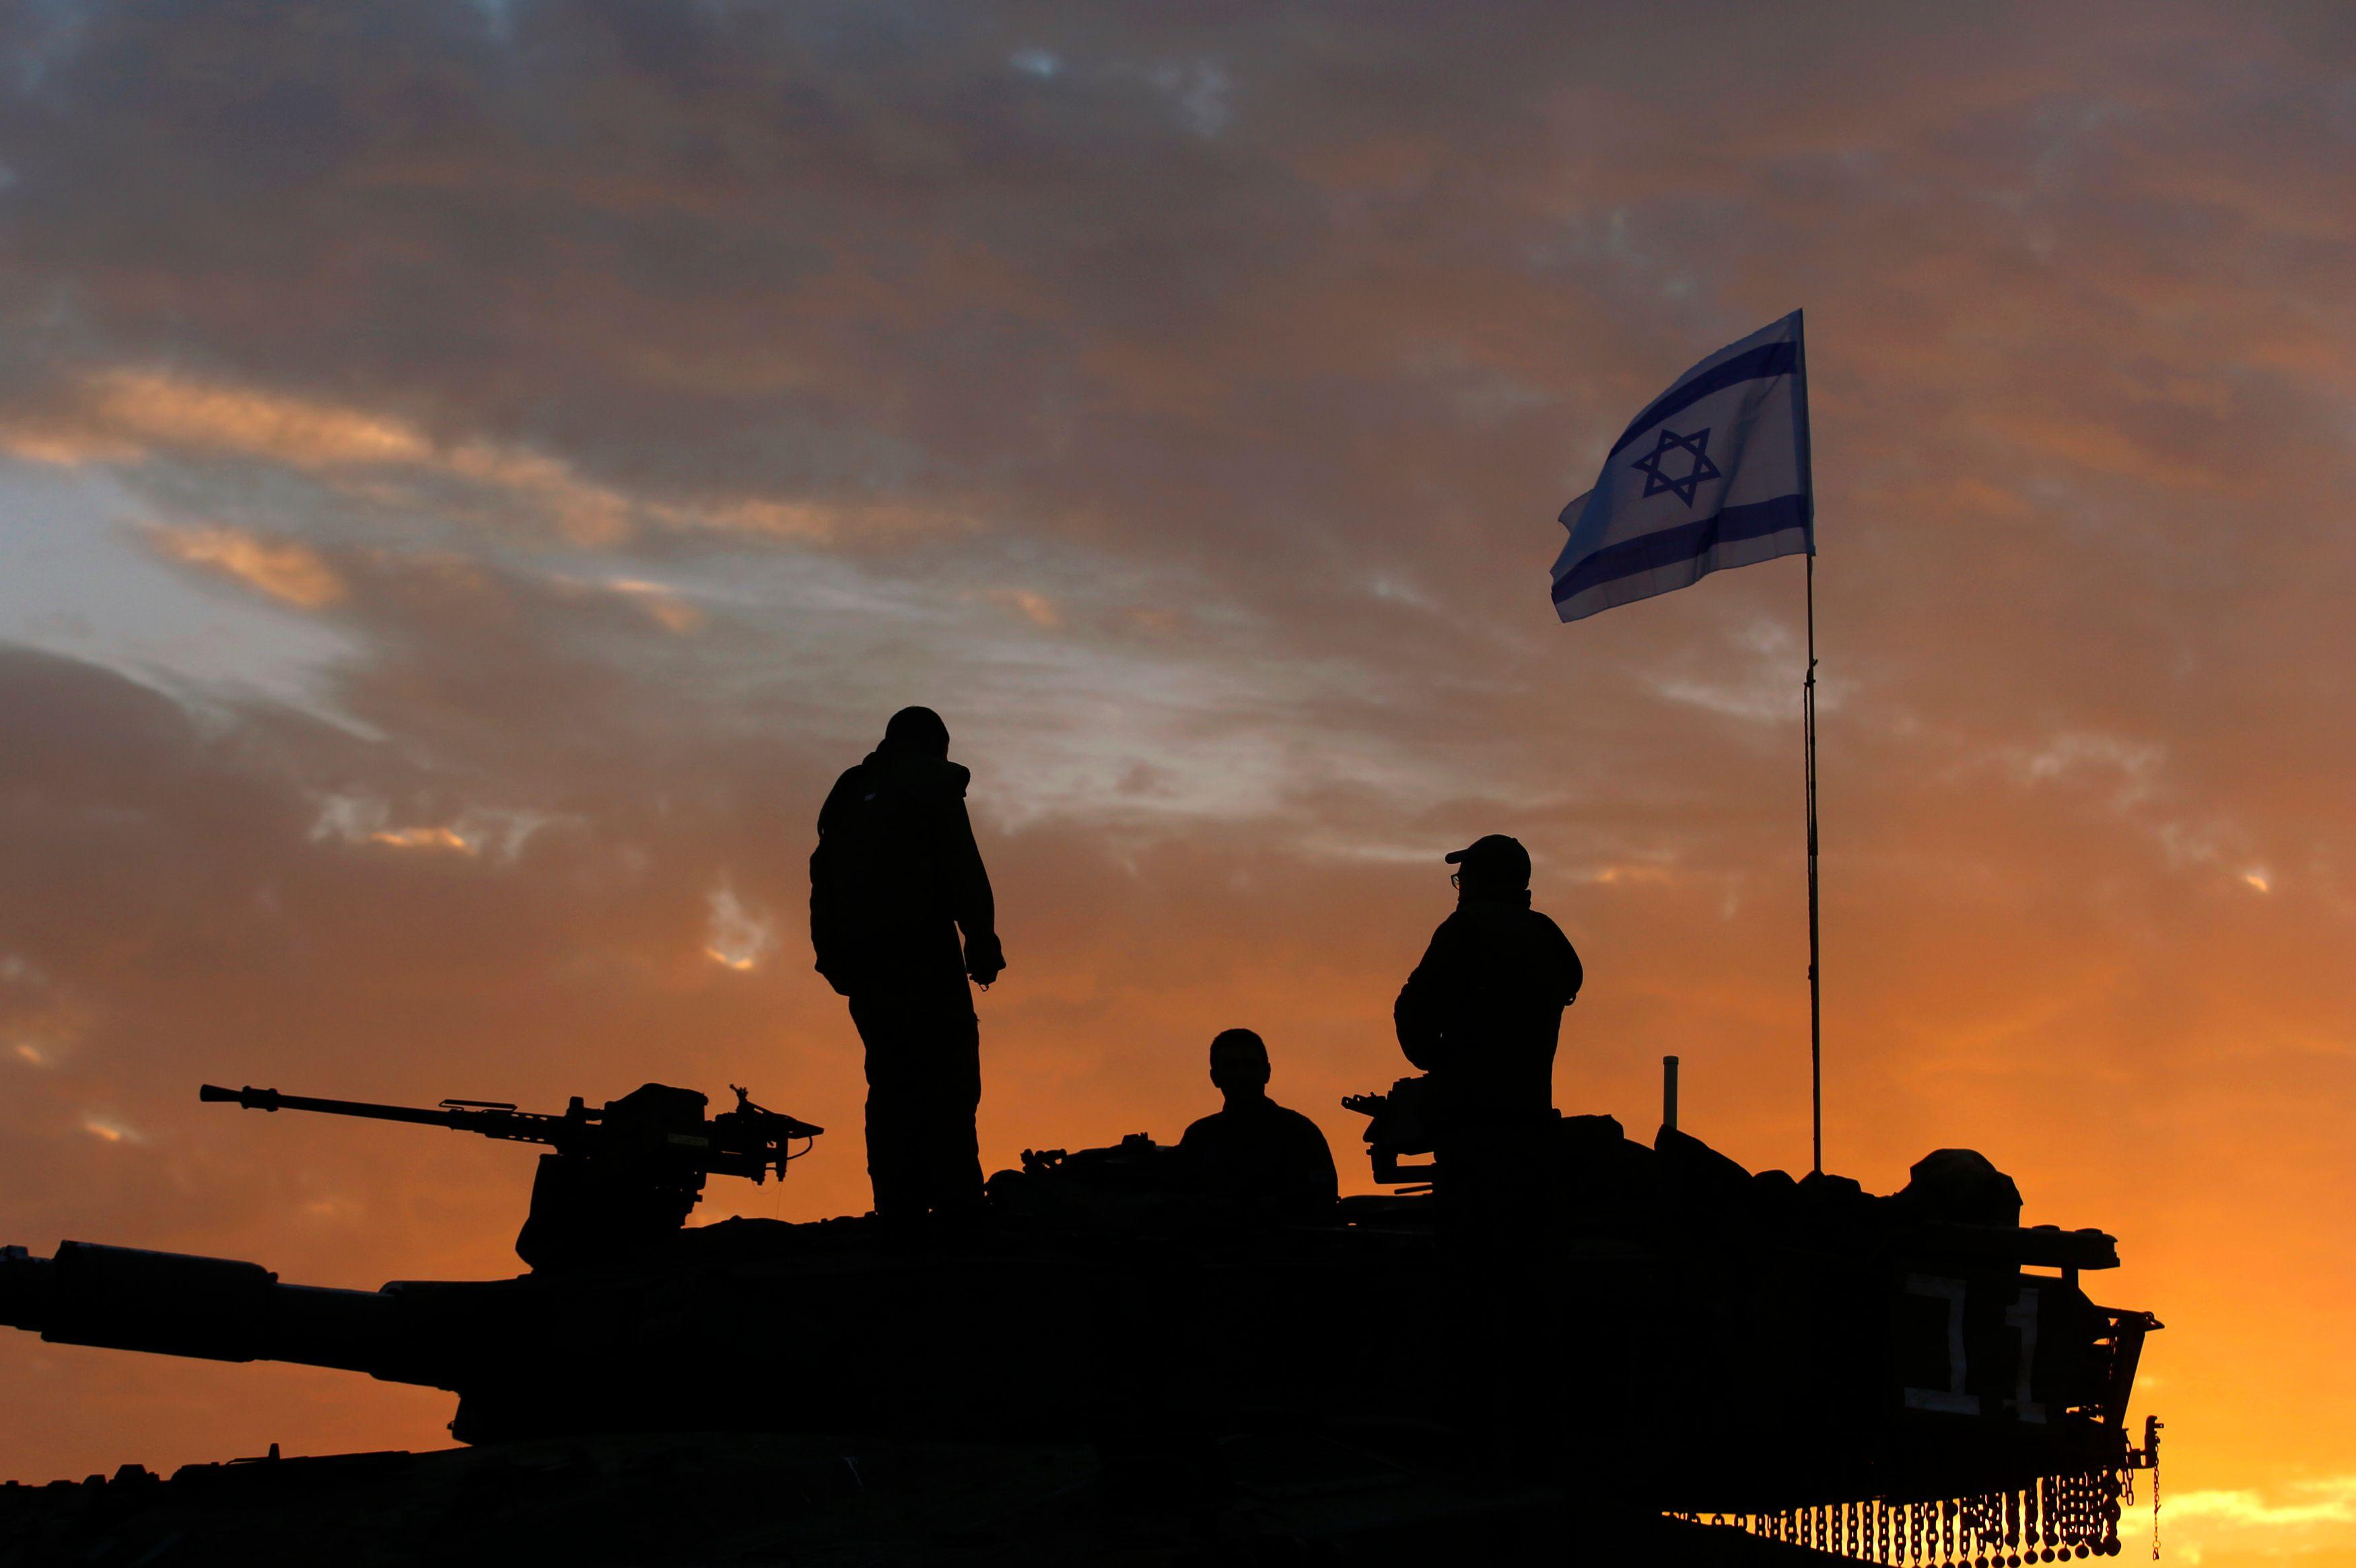 Proche-orient : 14 Palestiniens tués par des frappes israéliennes, l'Etat hébreu n'écarte pas une intervention terrestre dans la bande de Gaza